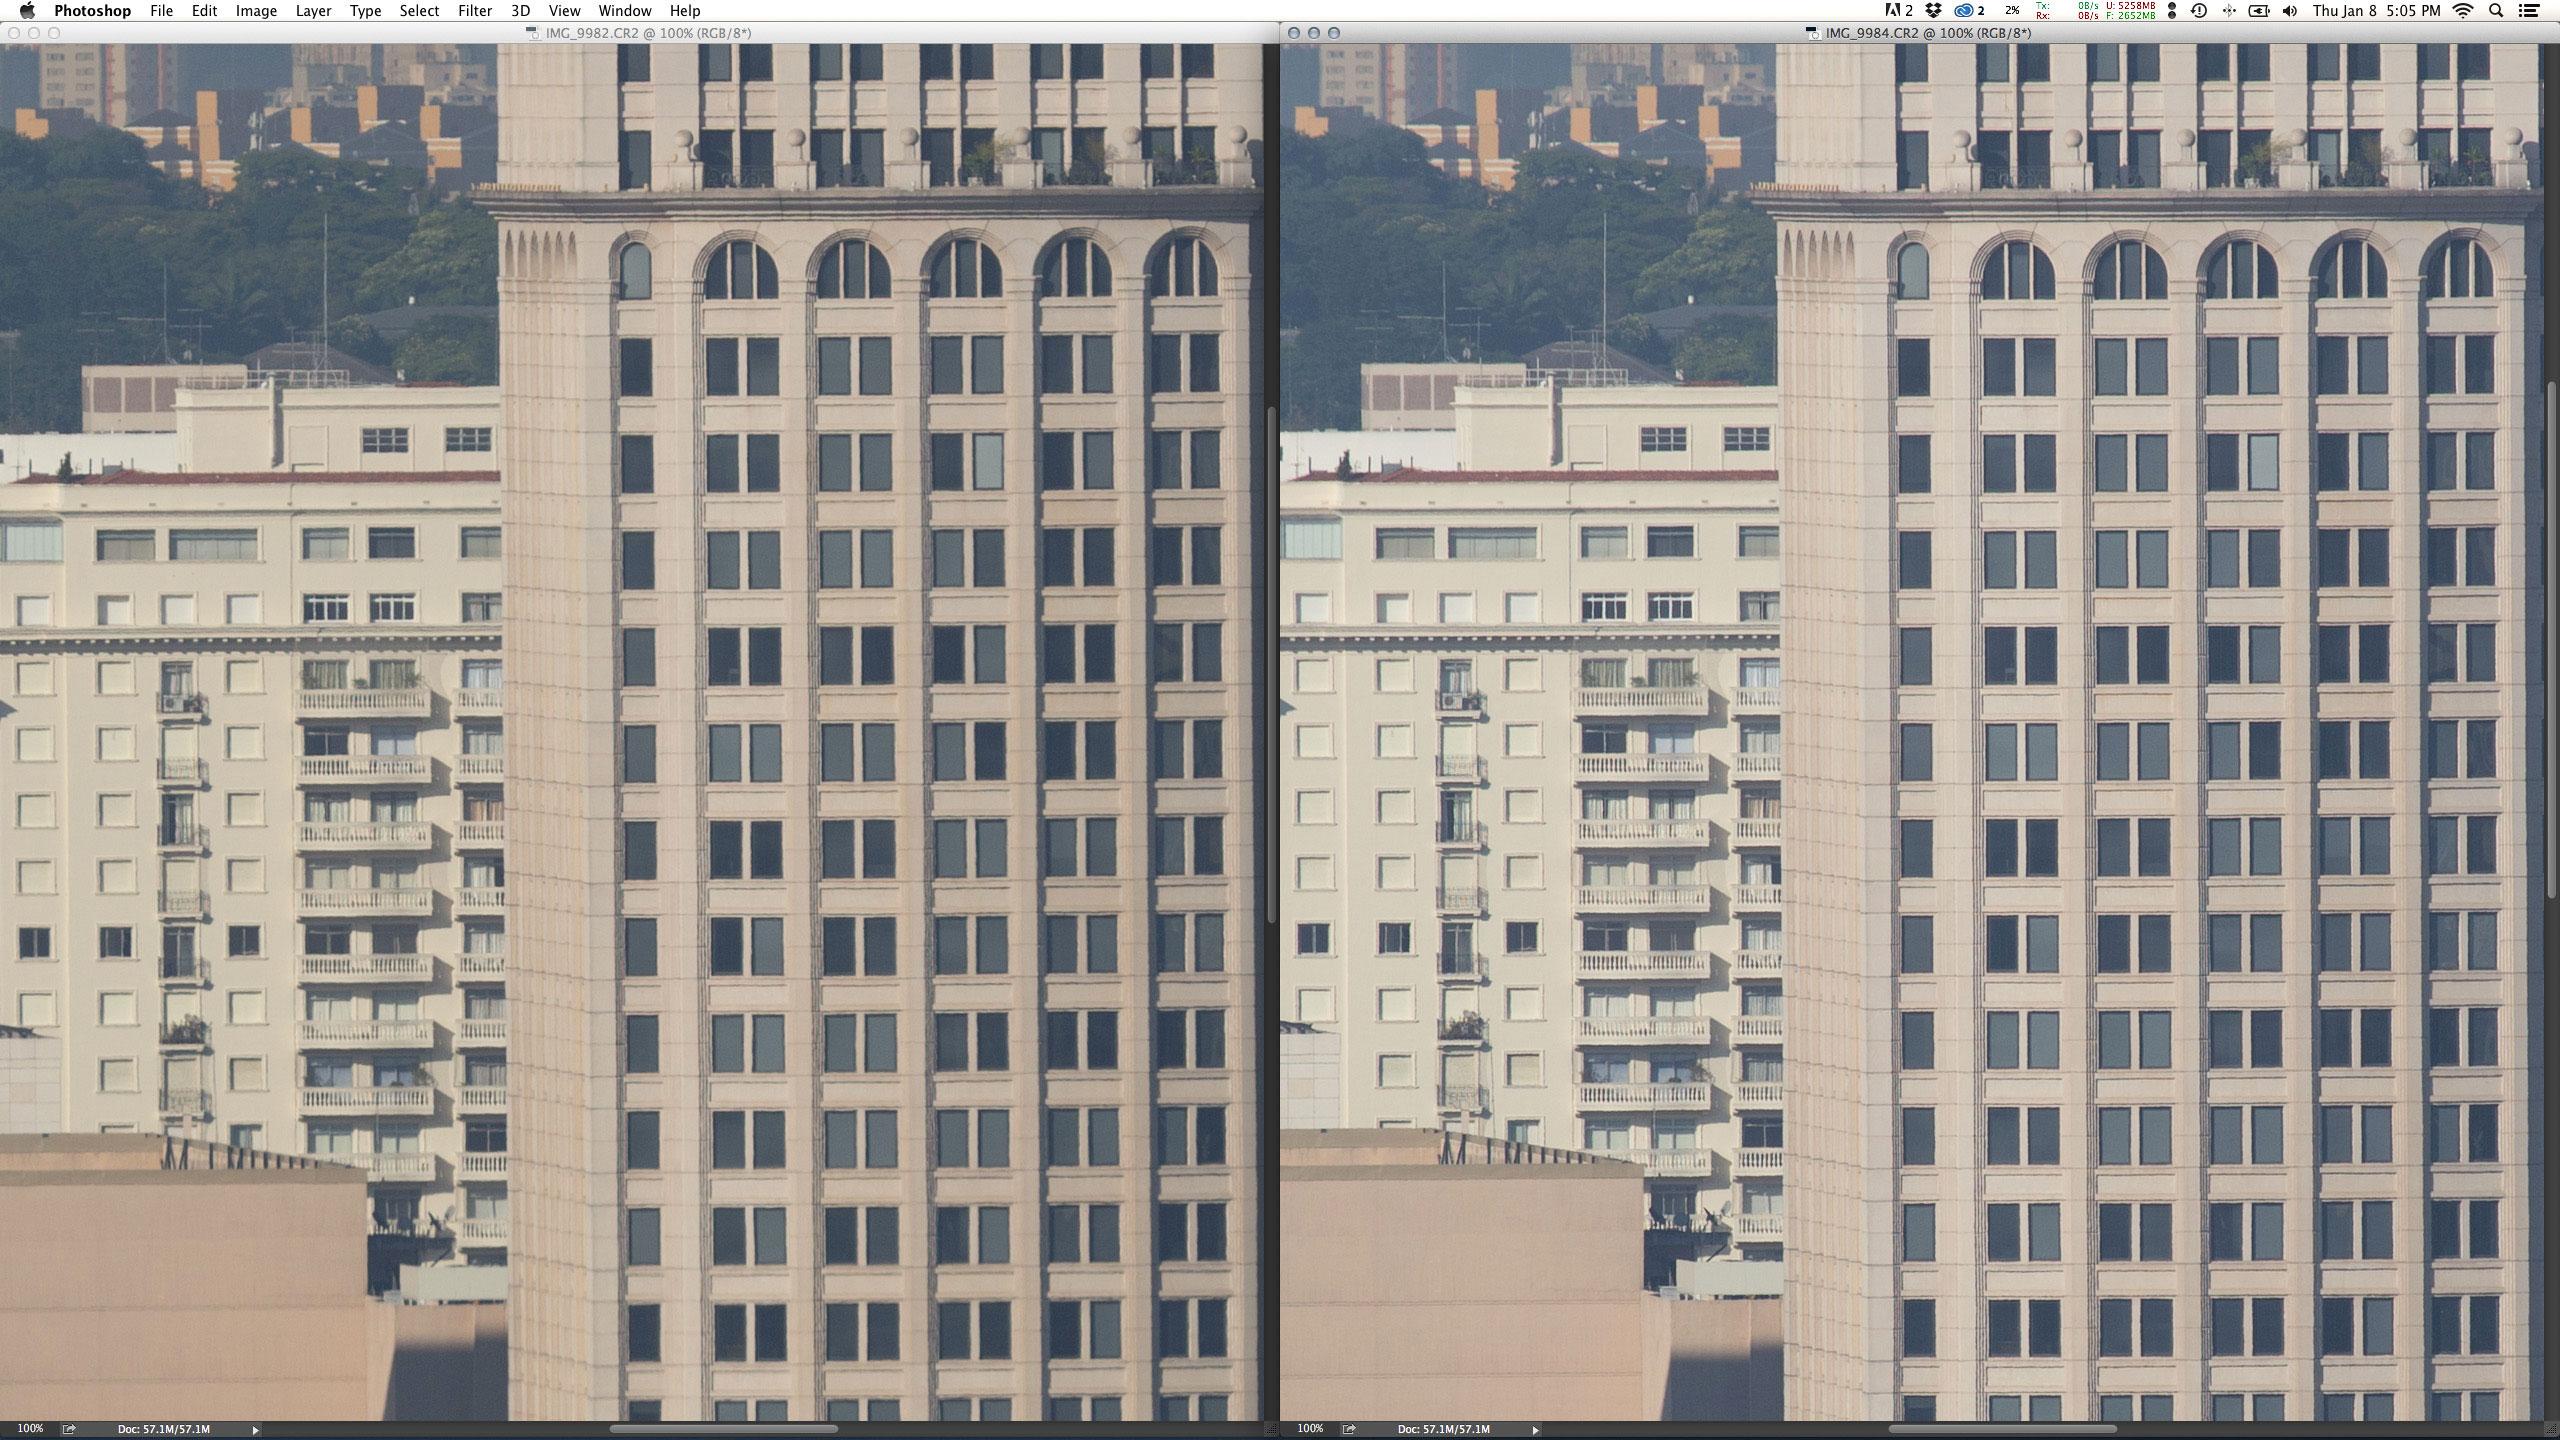 Esquerda: EF 200mm f/2L IS USM + Extender 2X III em f/8 1/750 ISO200 @ 400mm. Direita: EF 100-400mm f/4.5-5.6L IS USM em f/8 1/750 ISO200 @ 400mm. Em f/8 a prime já fica muito mais nítida que a abertura máxima, apesar da zoom continuar bem na frente.